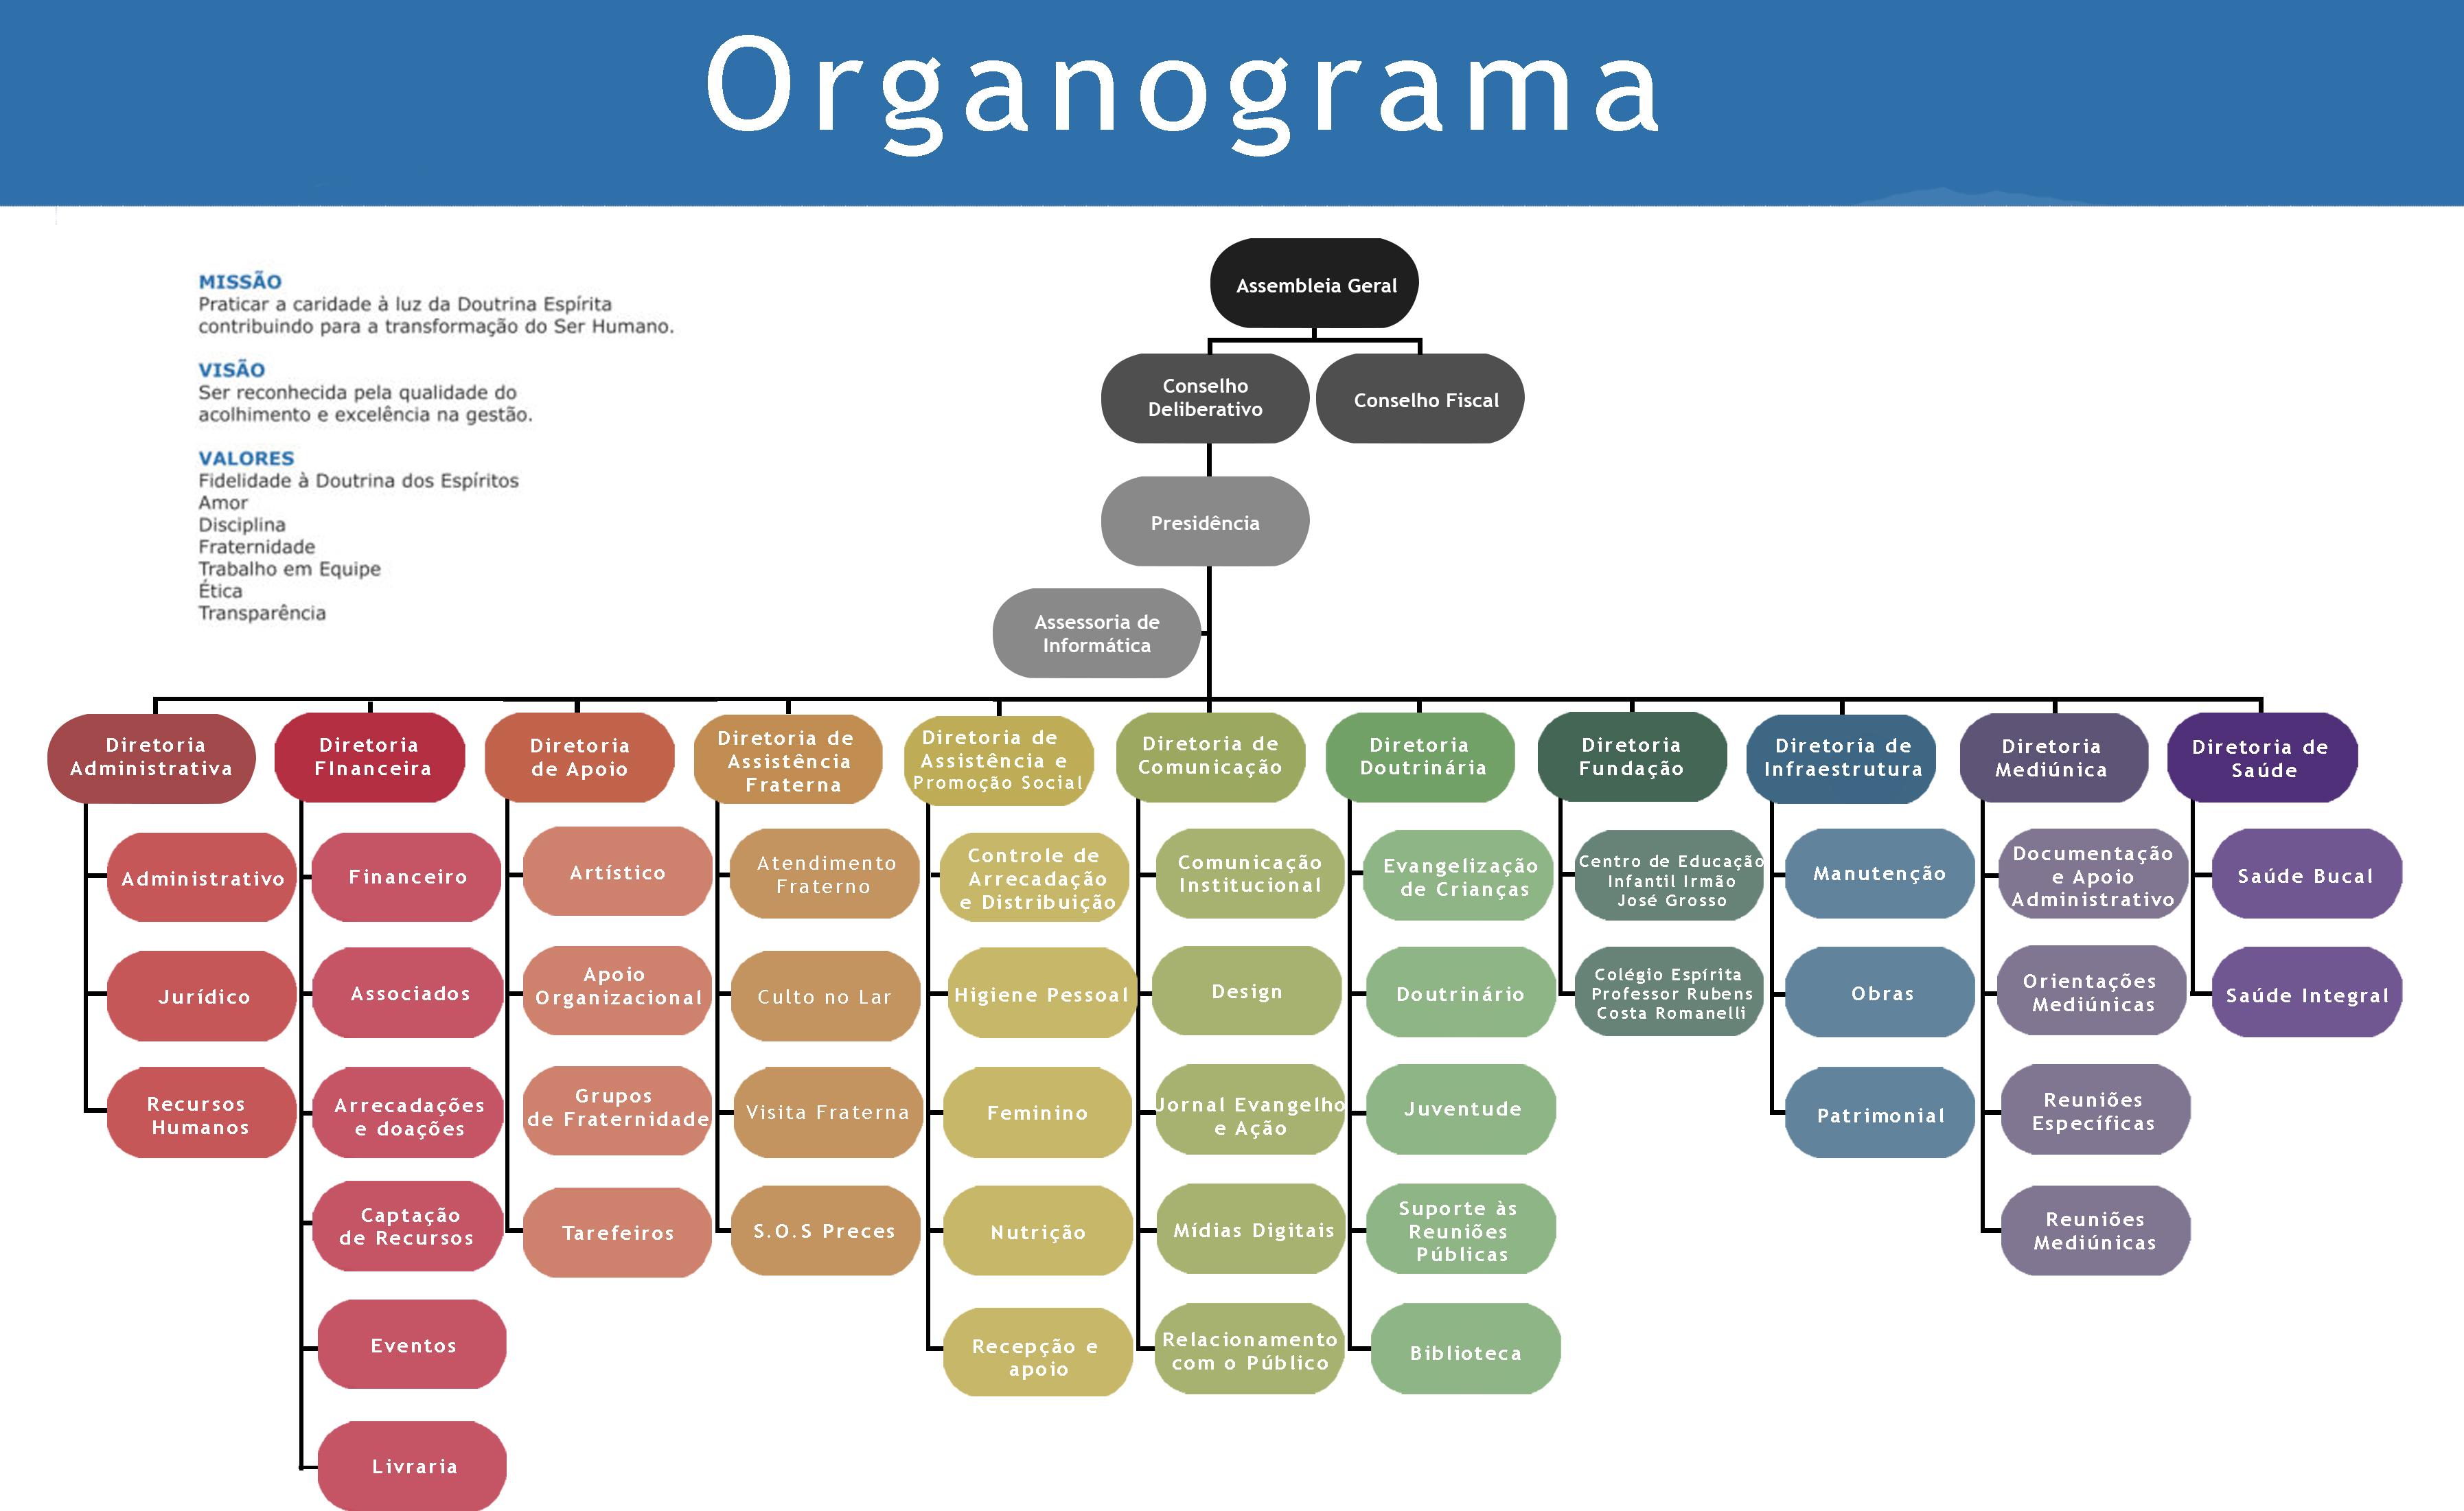 Organograma FEIG 2021